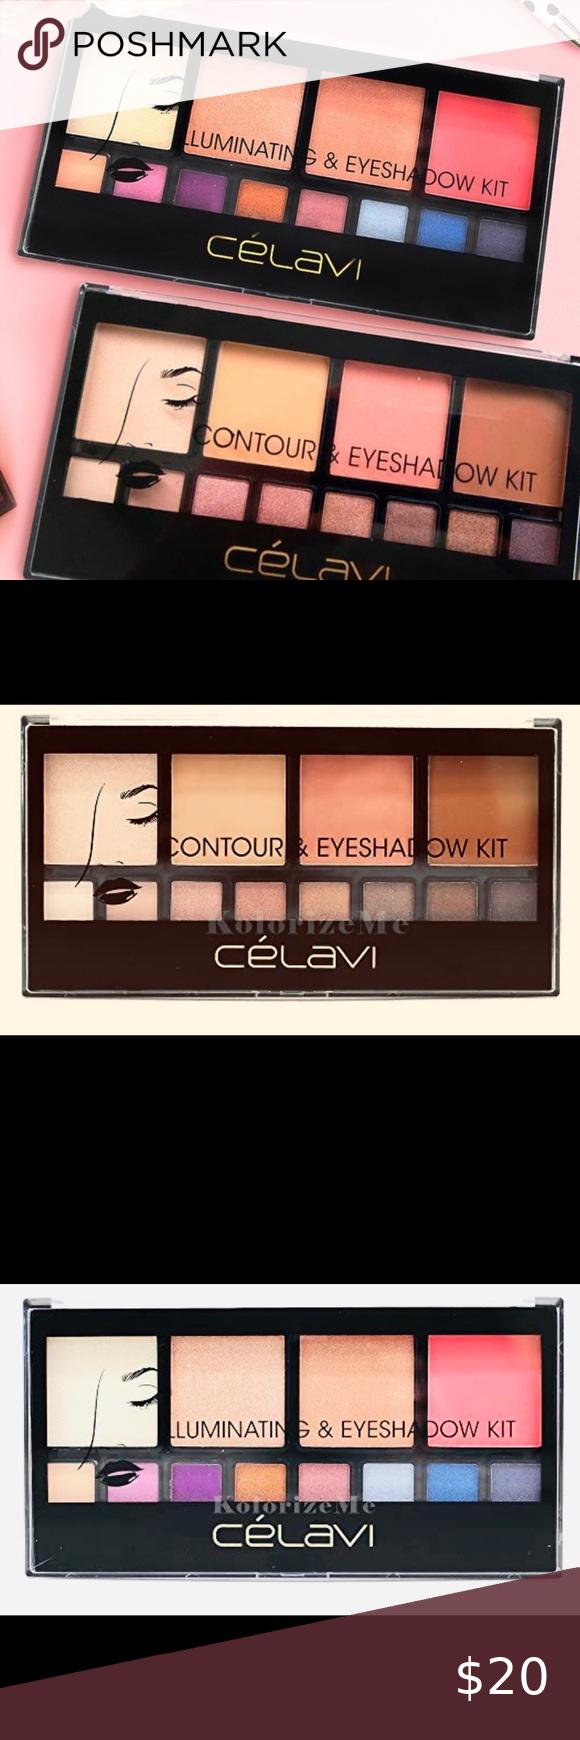 Contour Iluminating & Eyeshadow Makeup Kit! in 2020